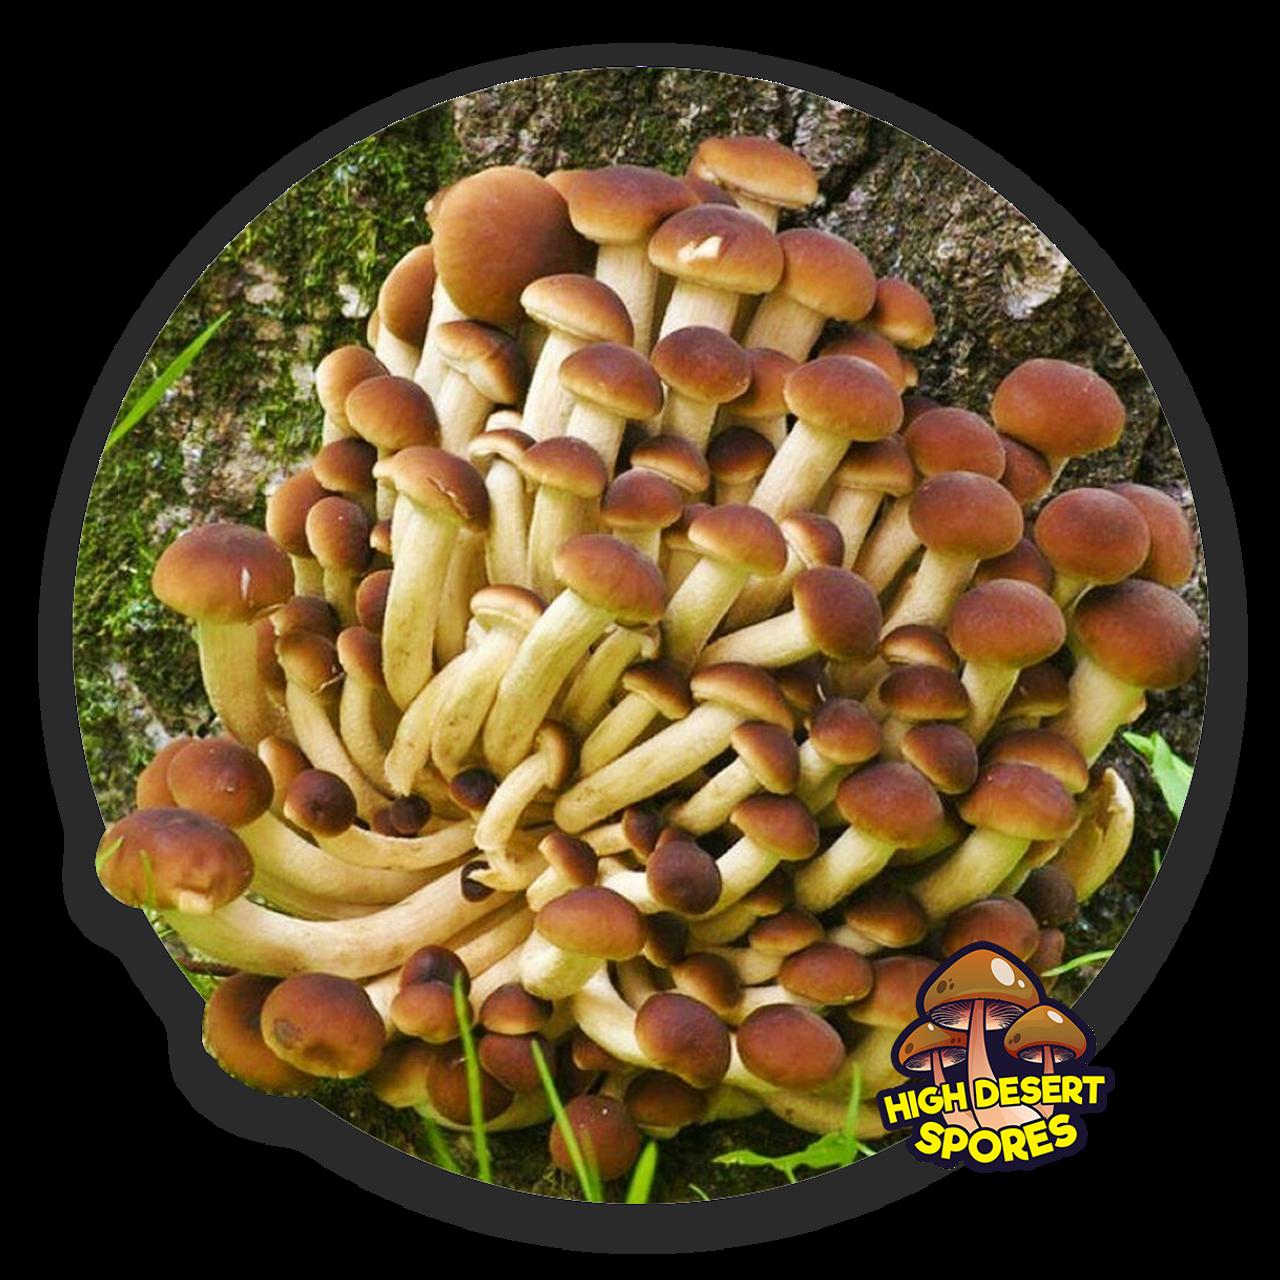 10cc Liquid Mushroom Culture Pioppini